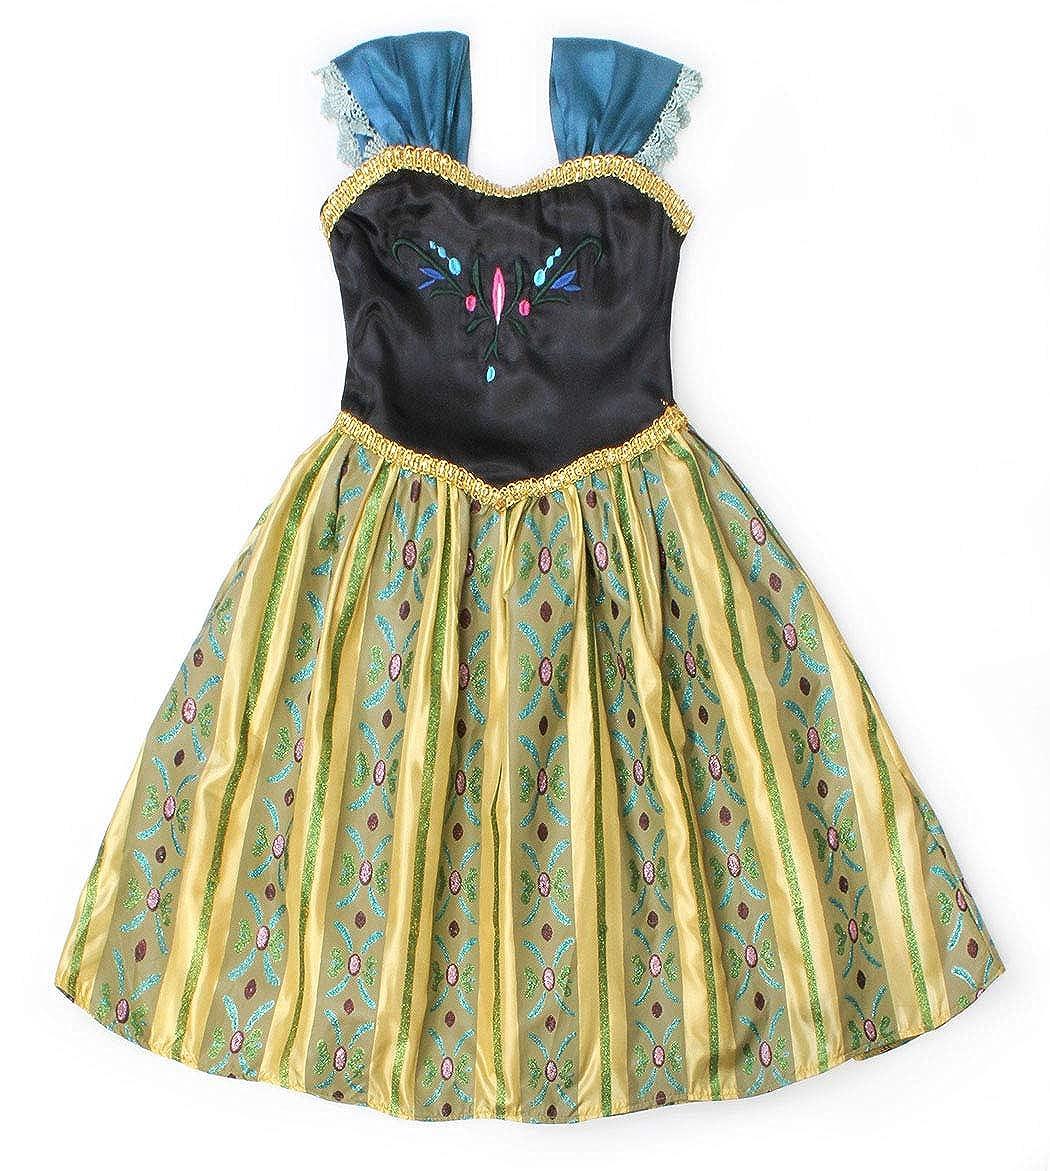 AmzBarley La Principessa Anna Incoronazione Vestito Costume per Bambine Ragazze Festa Vestire Abiti Compleanno Carnevale Vacanza Cosplay Vestito